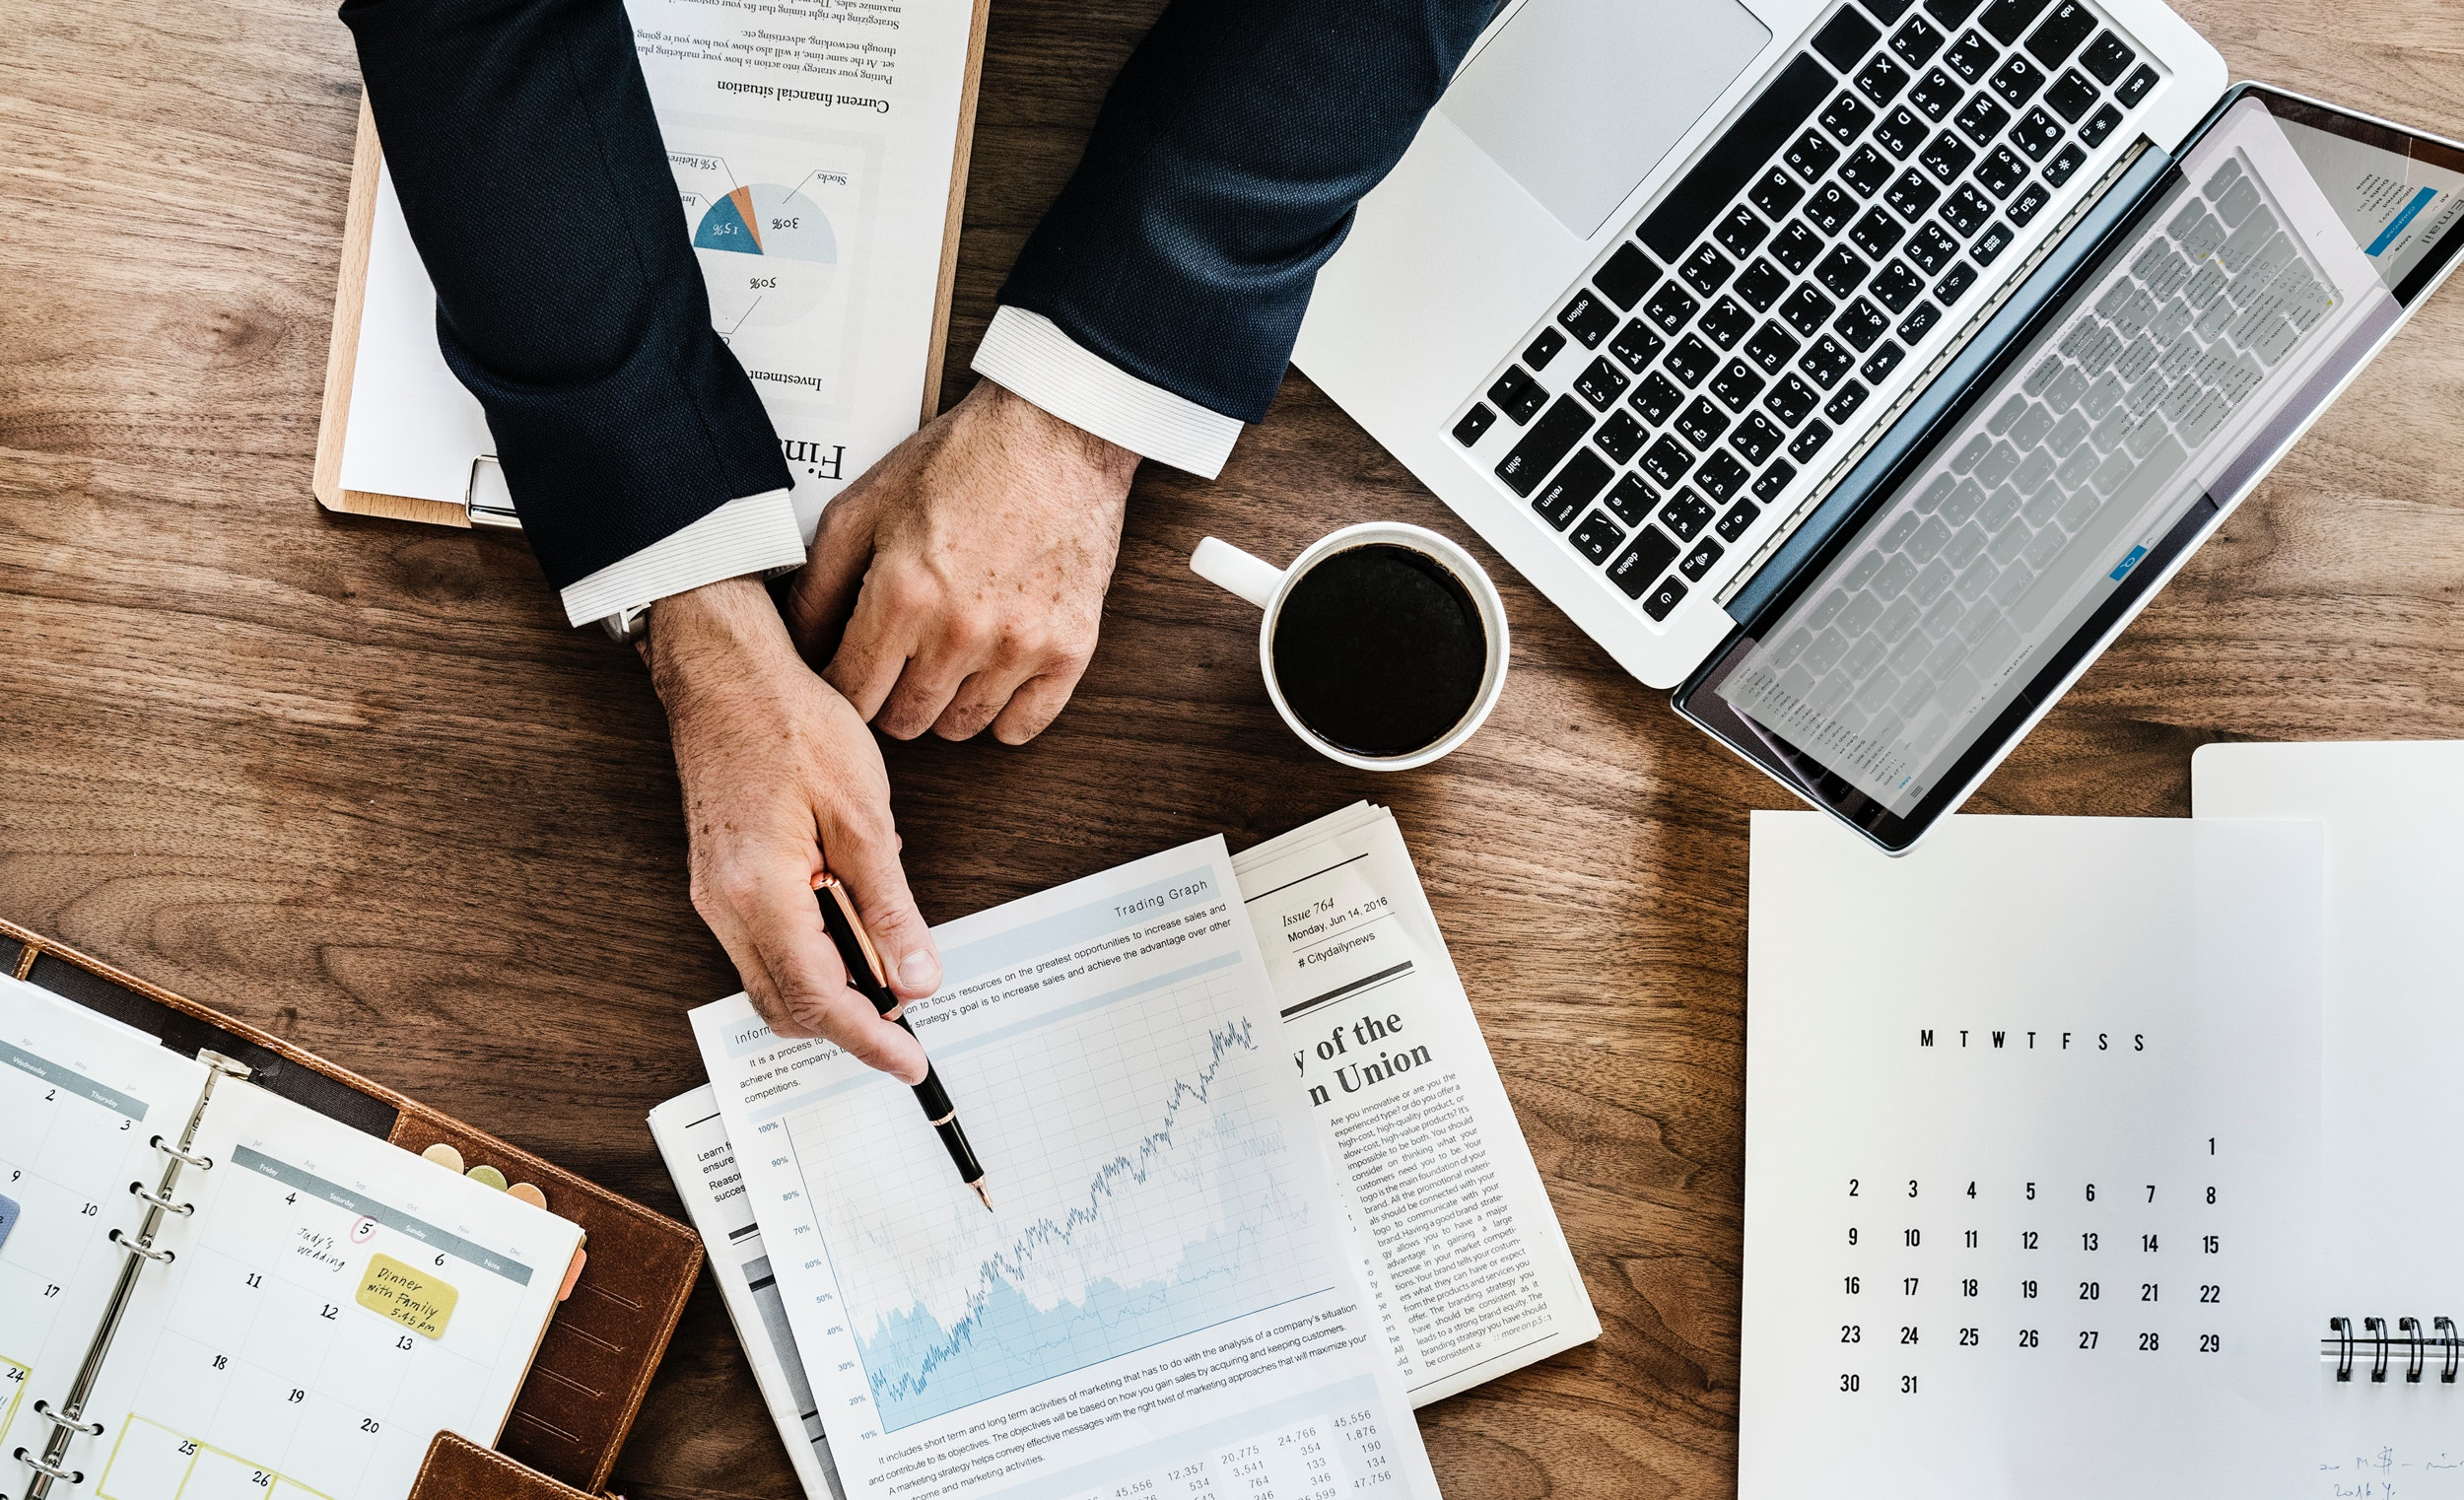 agenda-analysis-business-990818 (1)